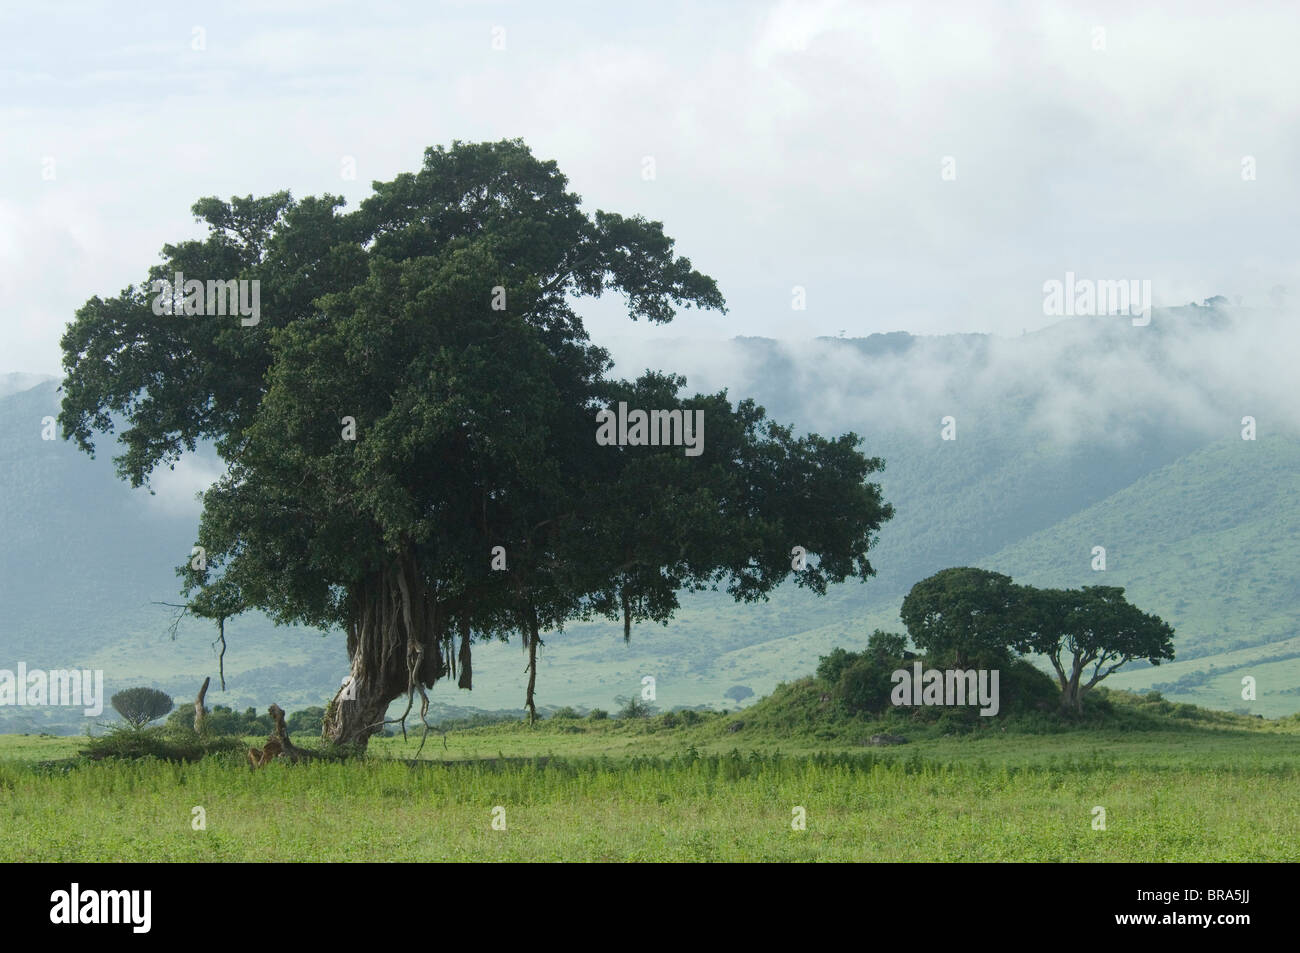 El paisaje de árboles Misty nubes cráter del Ngorongoro TANZANIA ÁFRICA Imagen De Stock